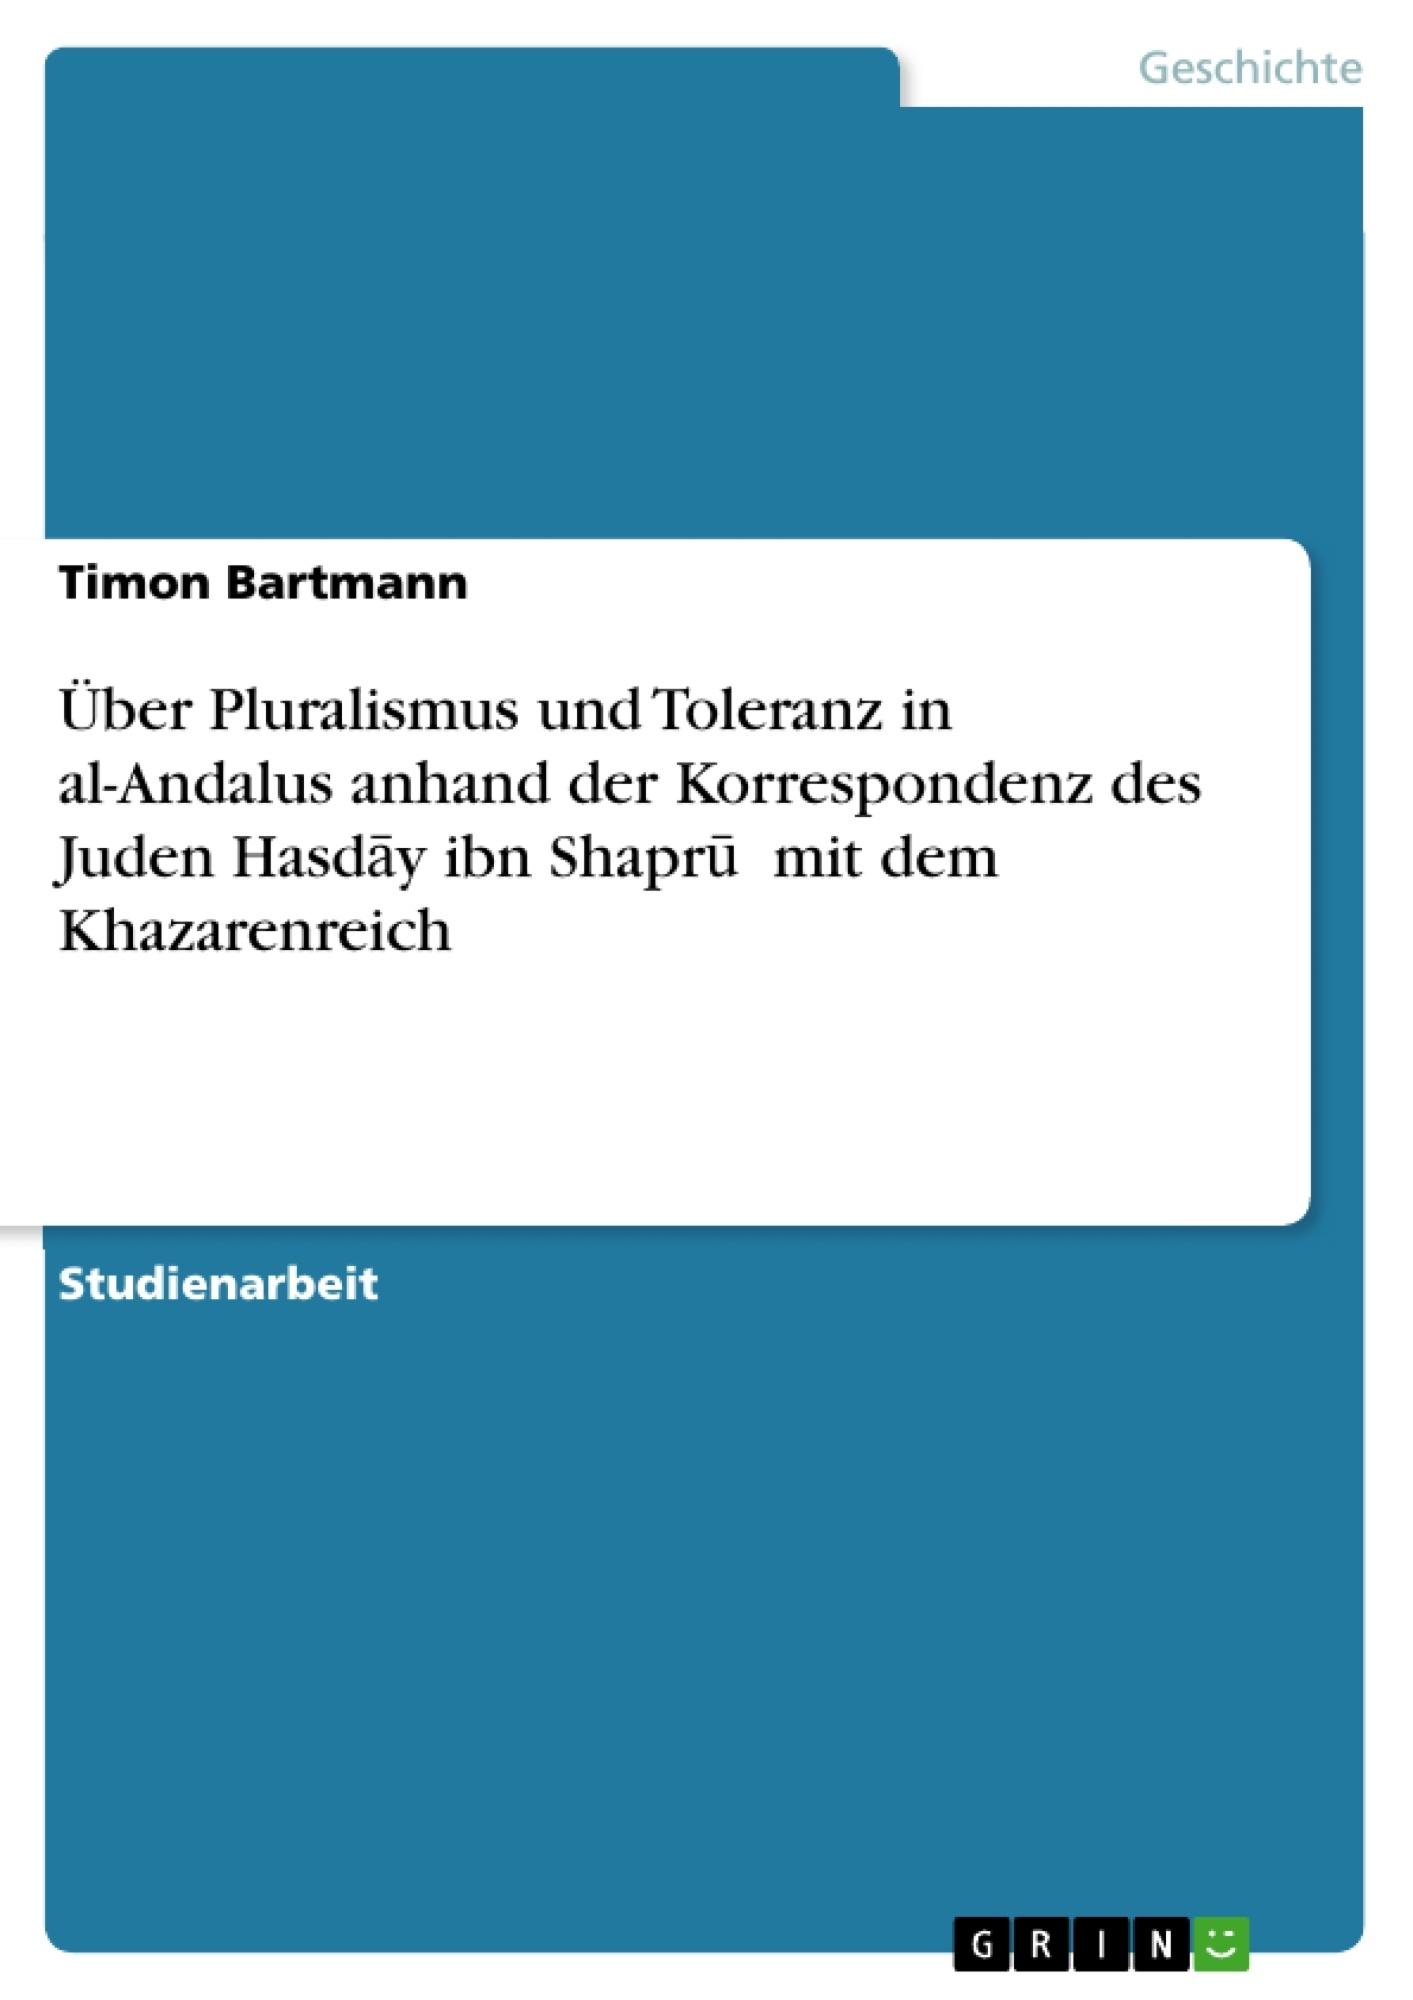 Titel: Über Pluralismus und Toleranz in al-Andalus anhand der Korrespondenz des Juden  Hasdāy ibn Shaprūṭ mit dem Khazarenreich